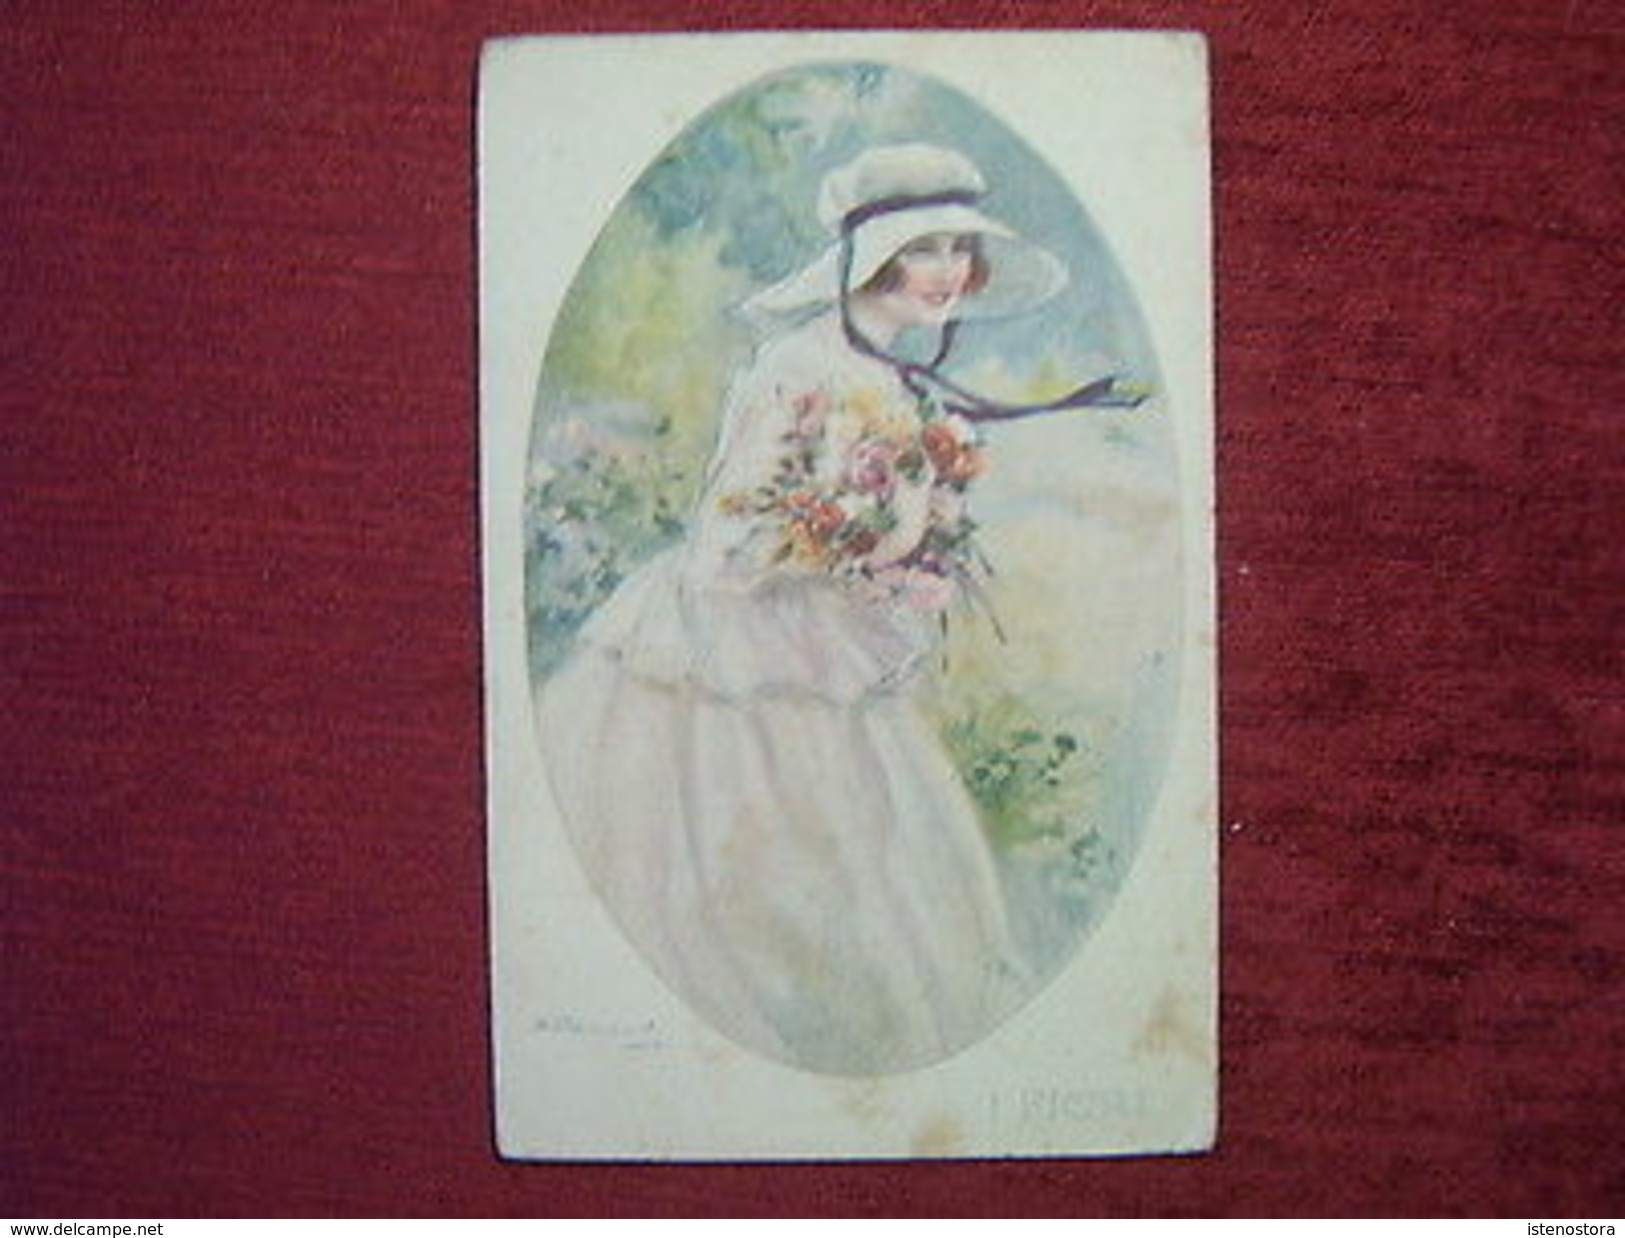 ARTIST SIGNED POSTCARD / BOMPARD / 1910-20 - Illustrators & Photographers